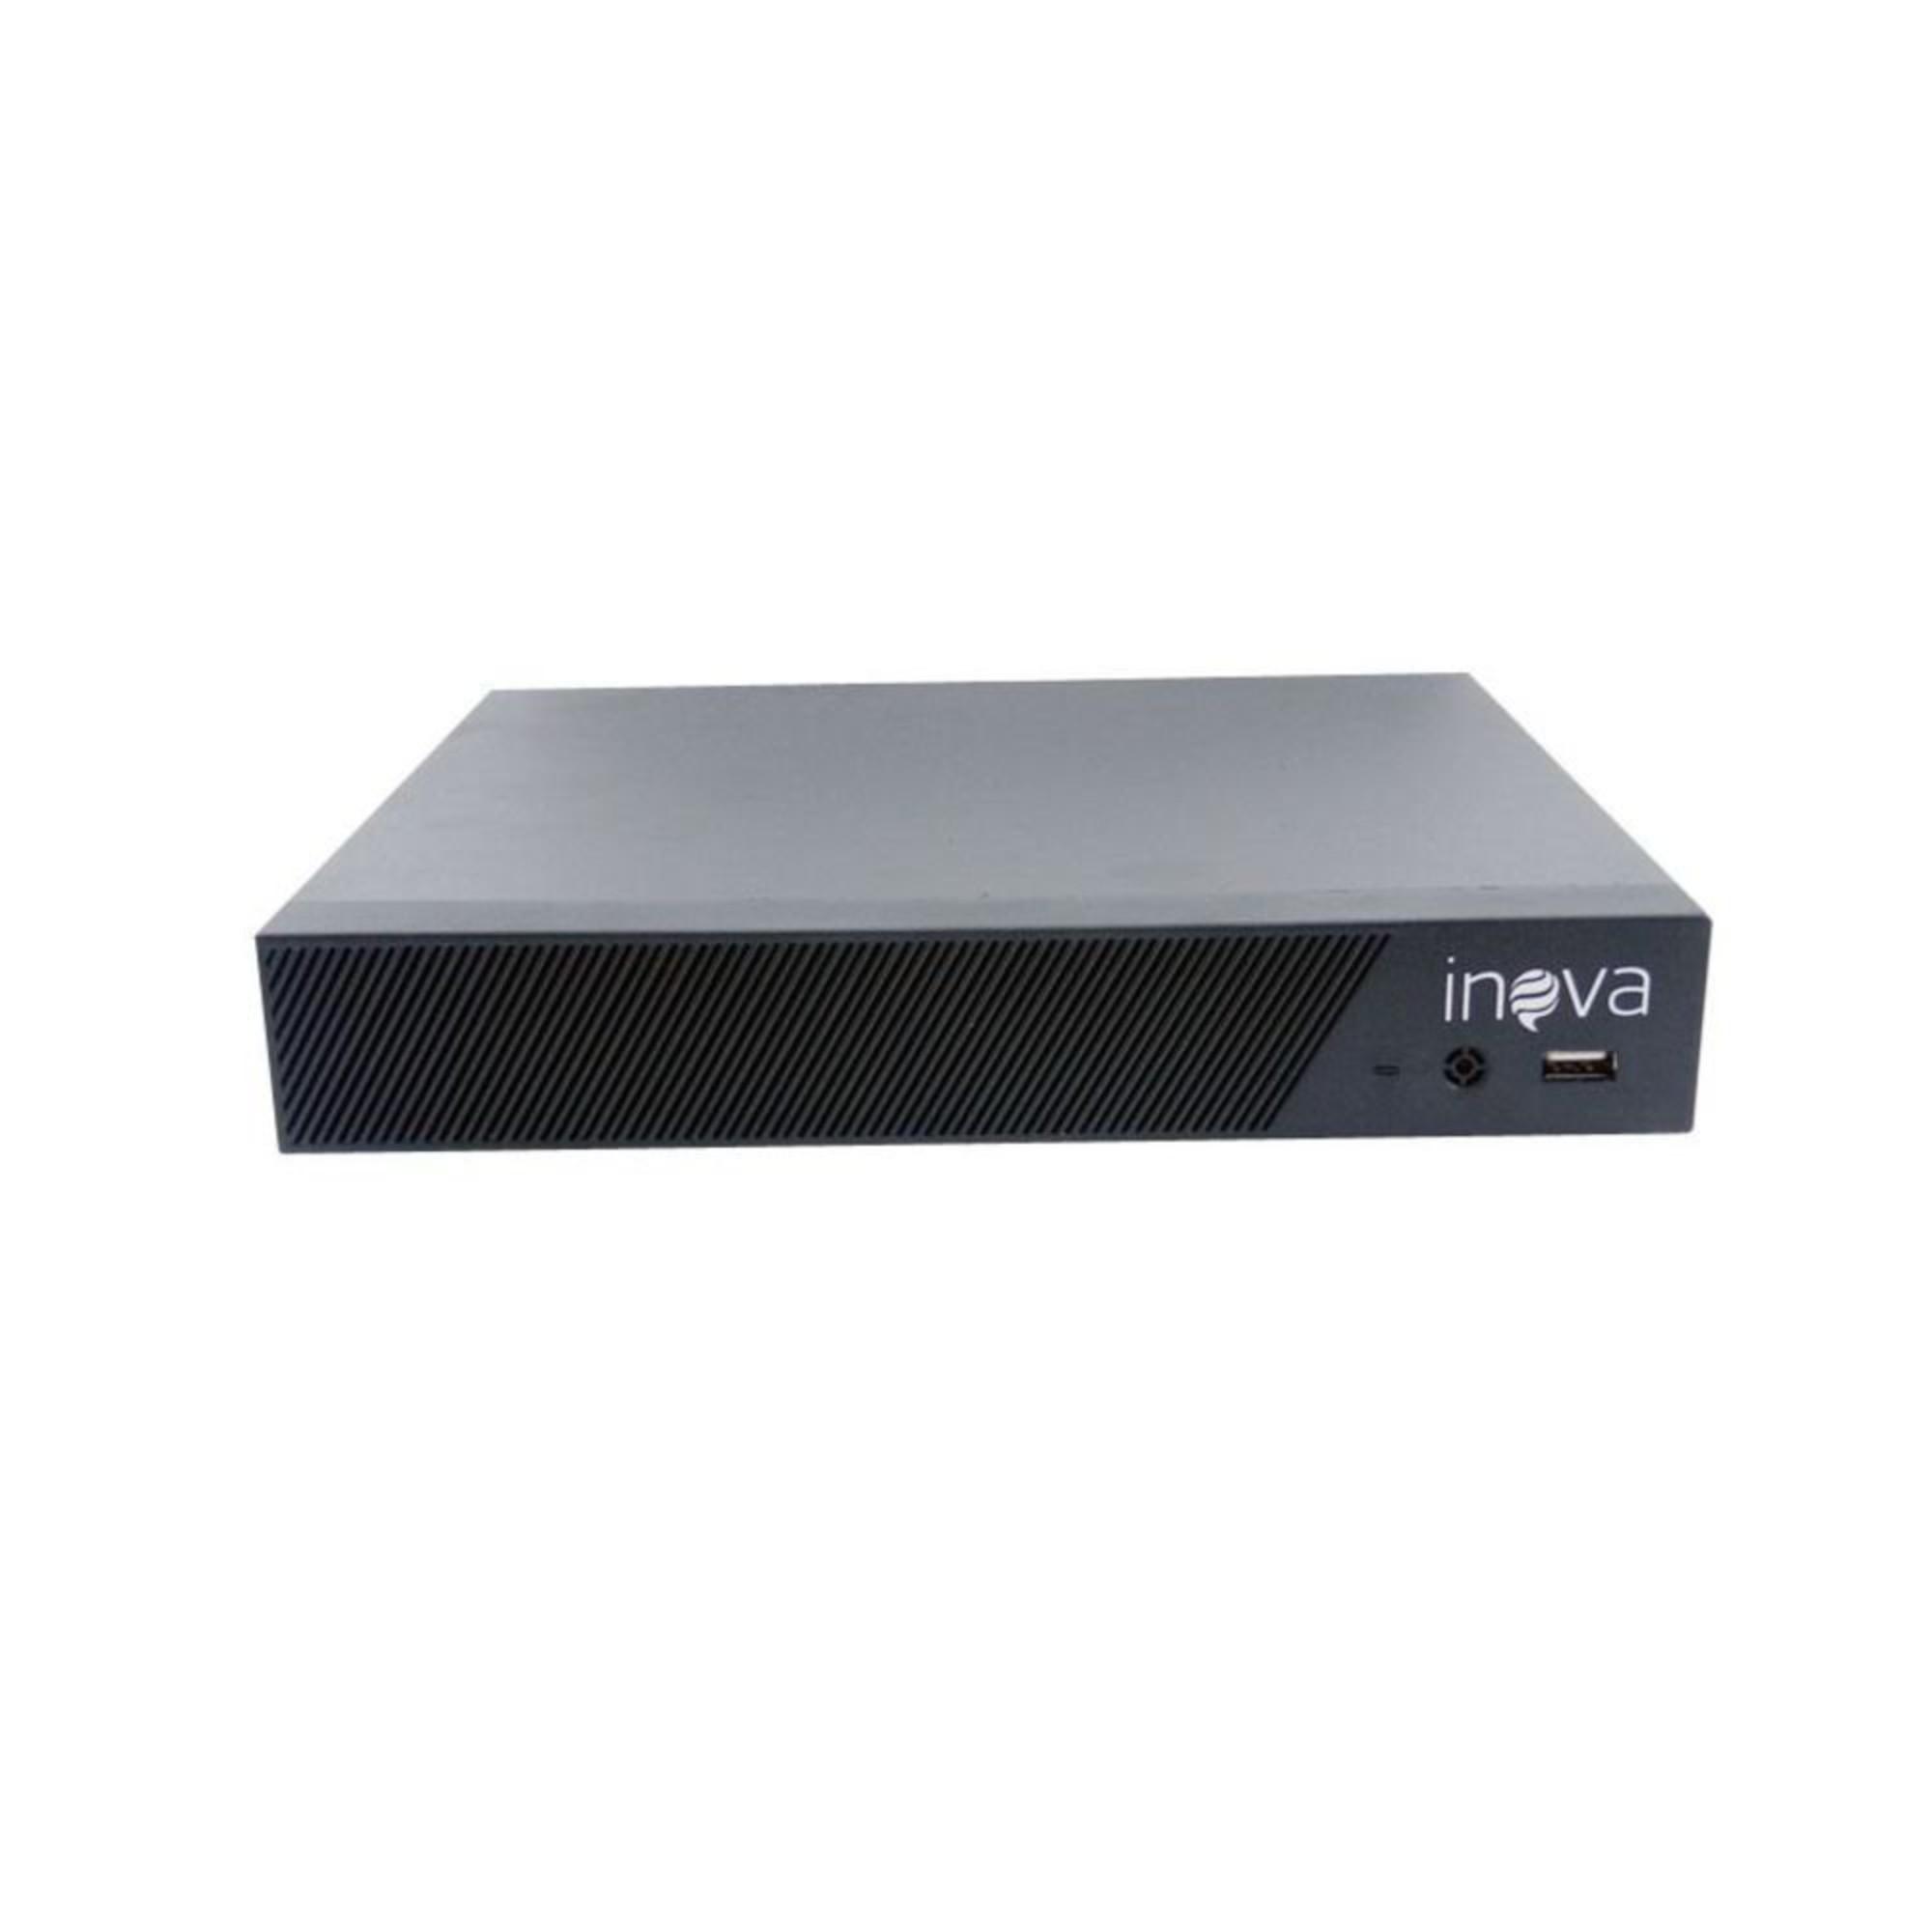 DVR Stand Alone 8 Canais Full HD 5 em 1 Inova